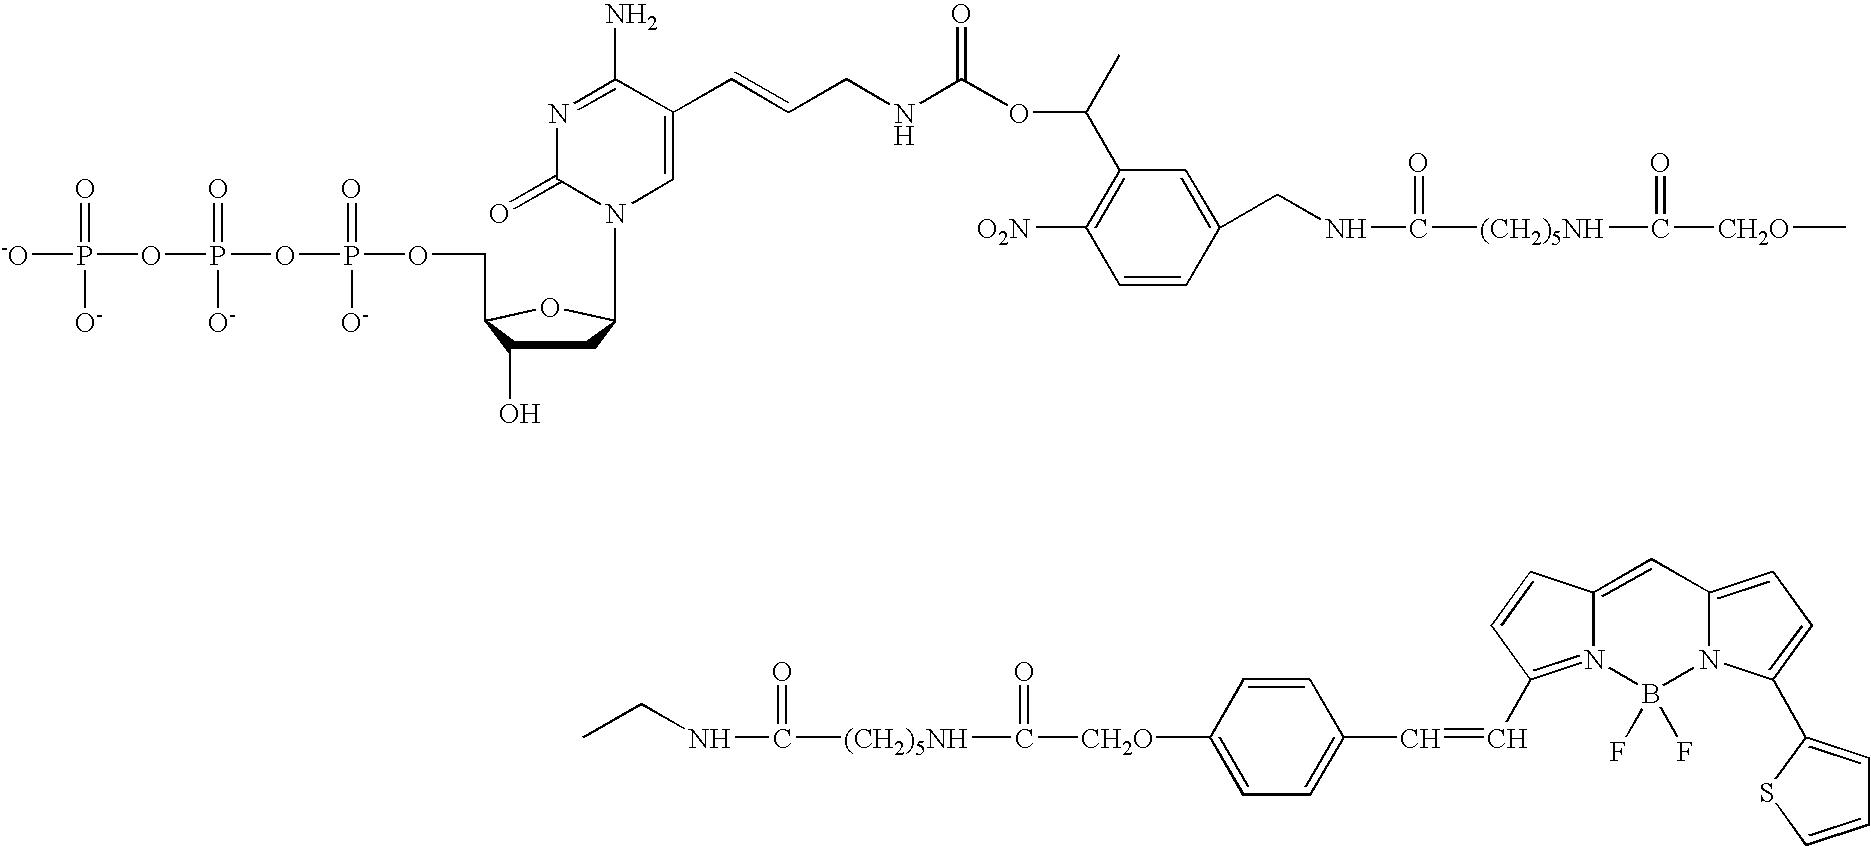 Figure US20070275387A1-20071129-C00005